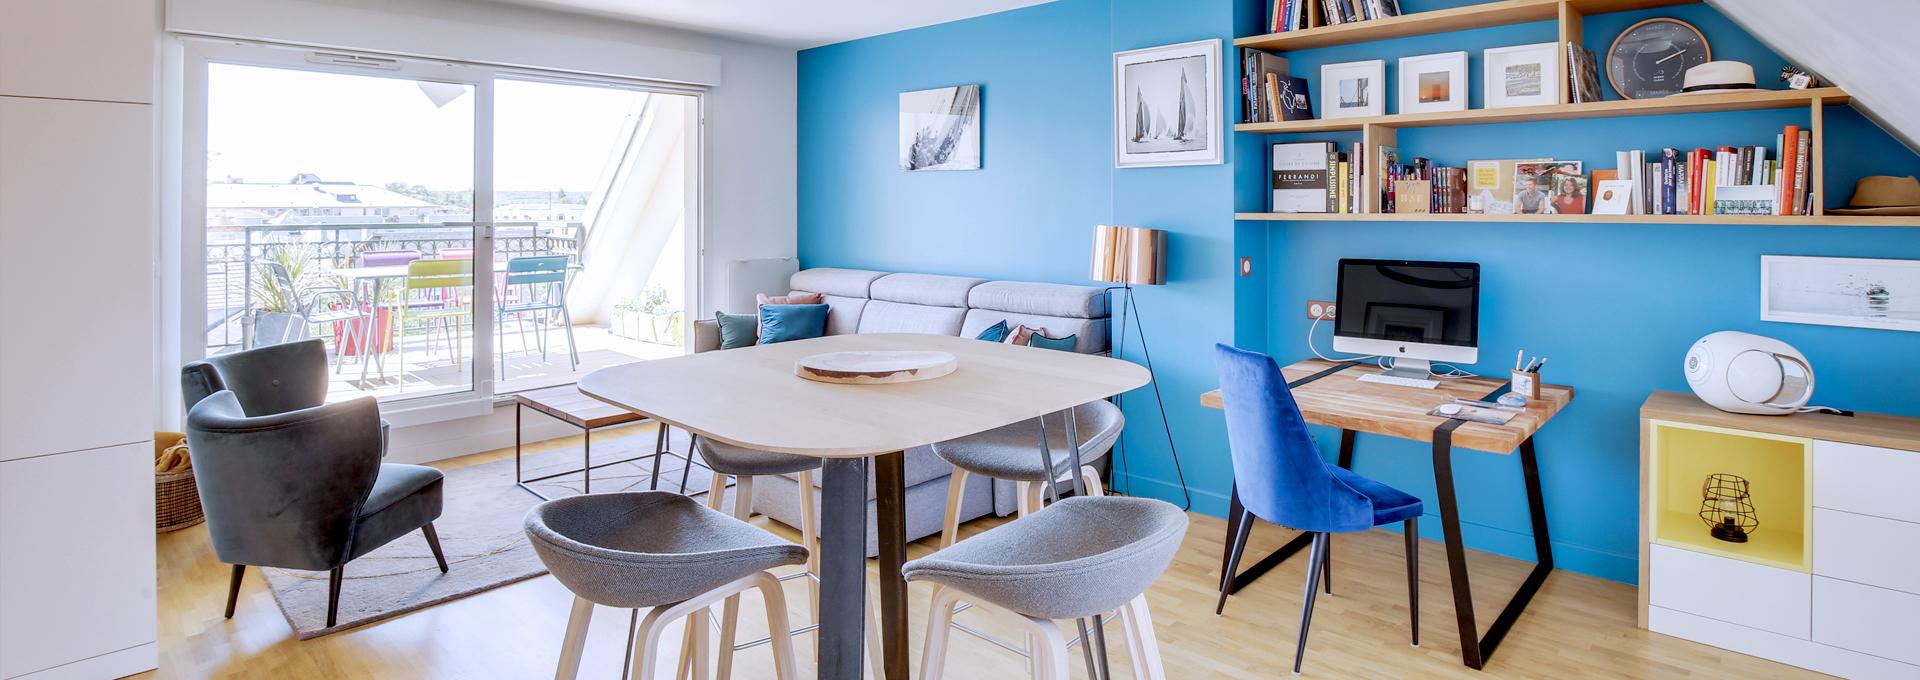 P_Agence_Avous_Appartement_chic_le_chesnay_piece_a_vivre_mur_bleu